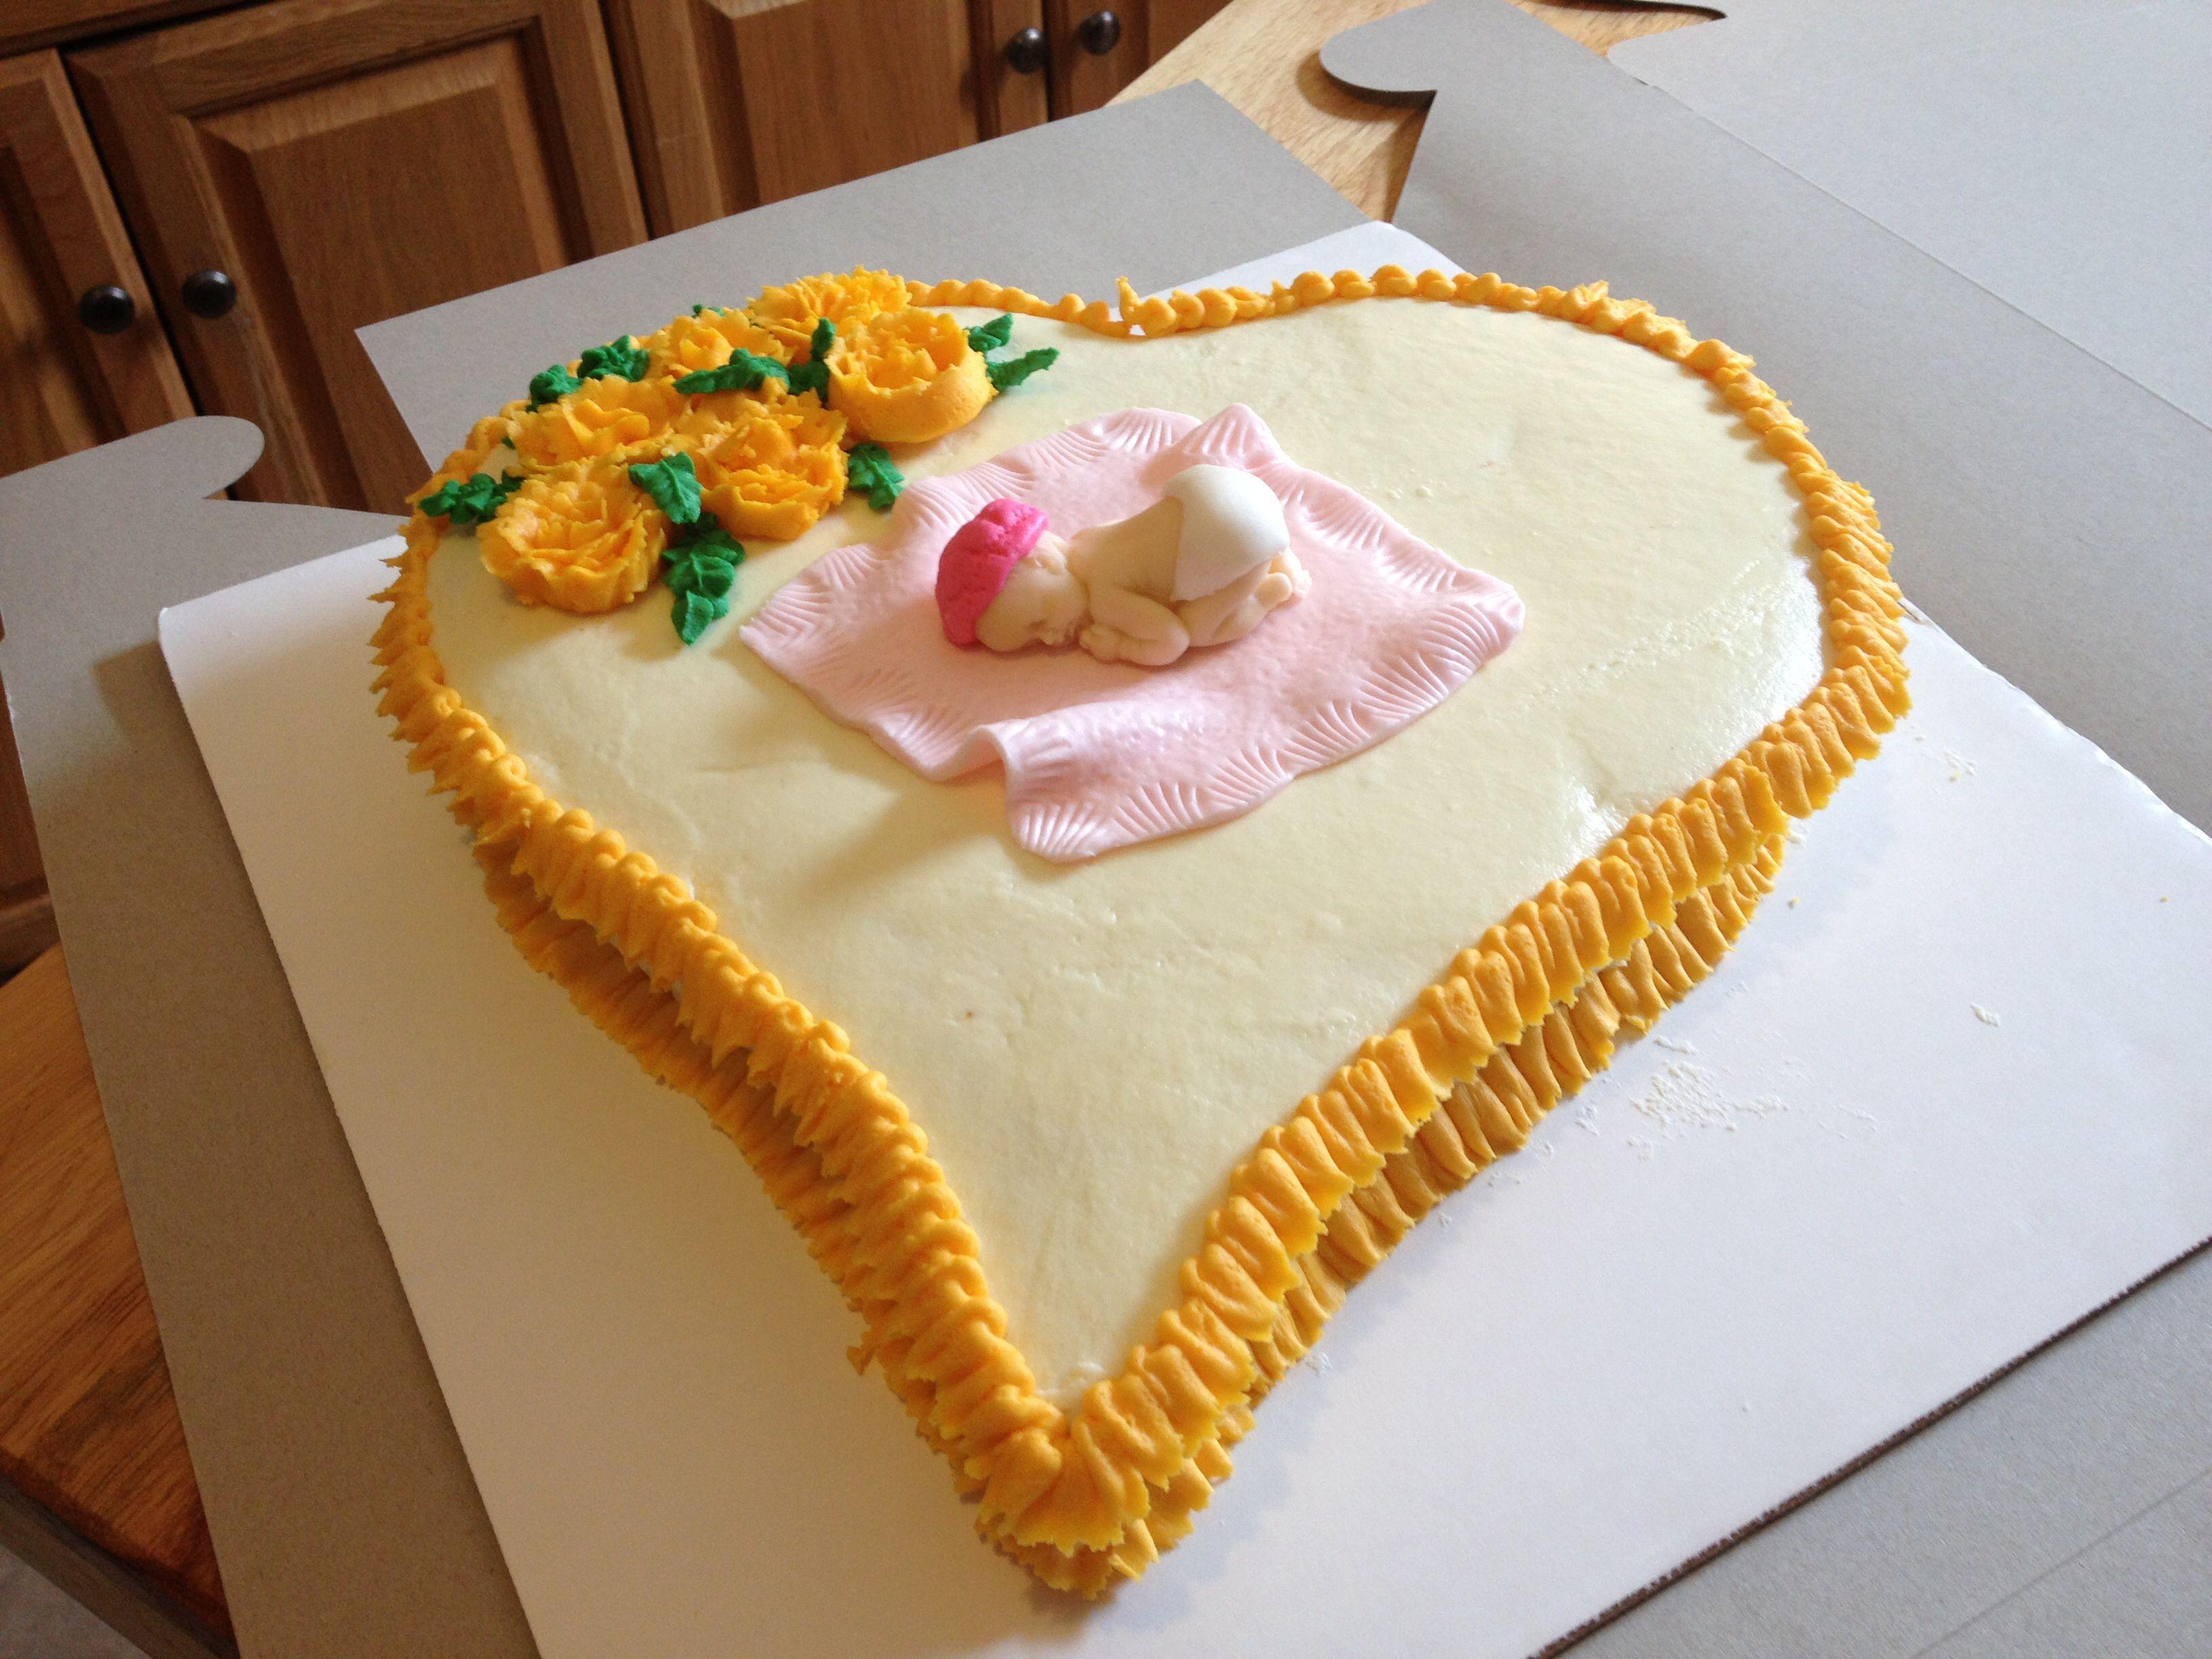 Larilyns baby Cake